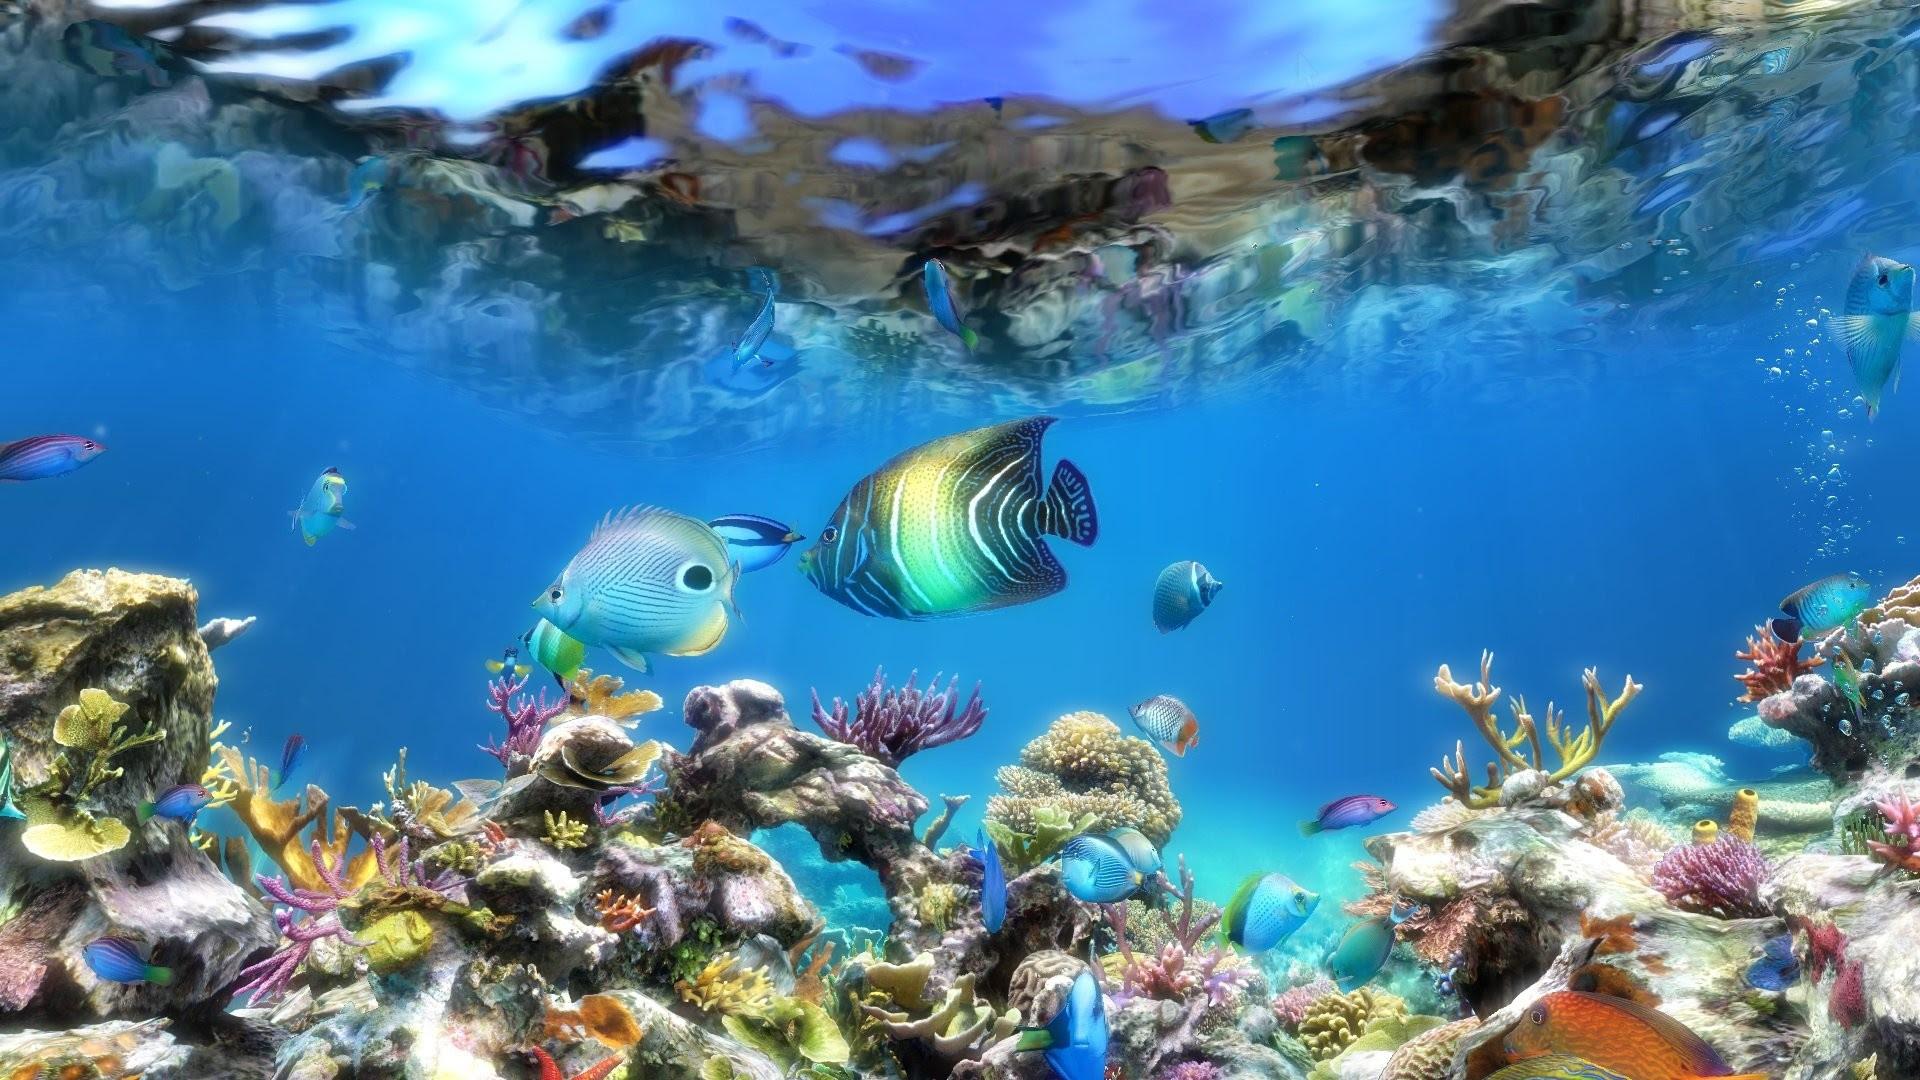 Moving Aquarium Wallpaper (49+ images)